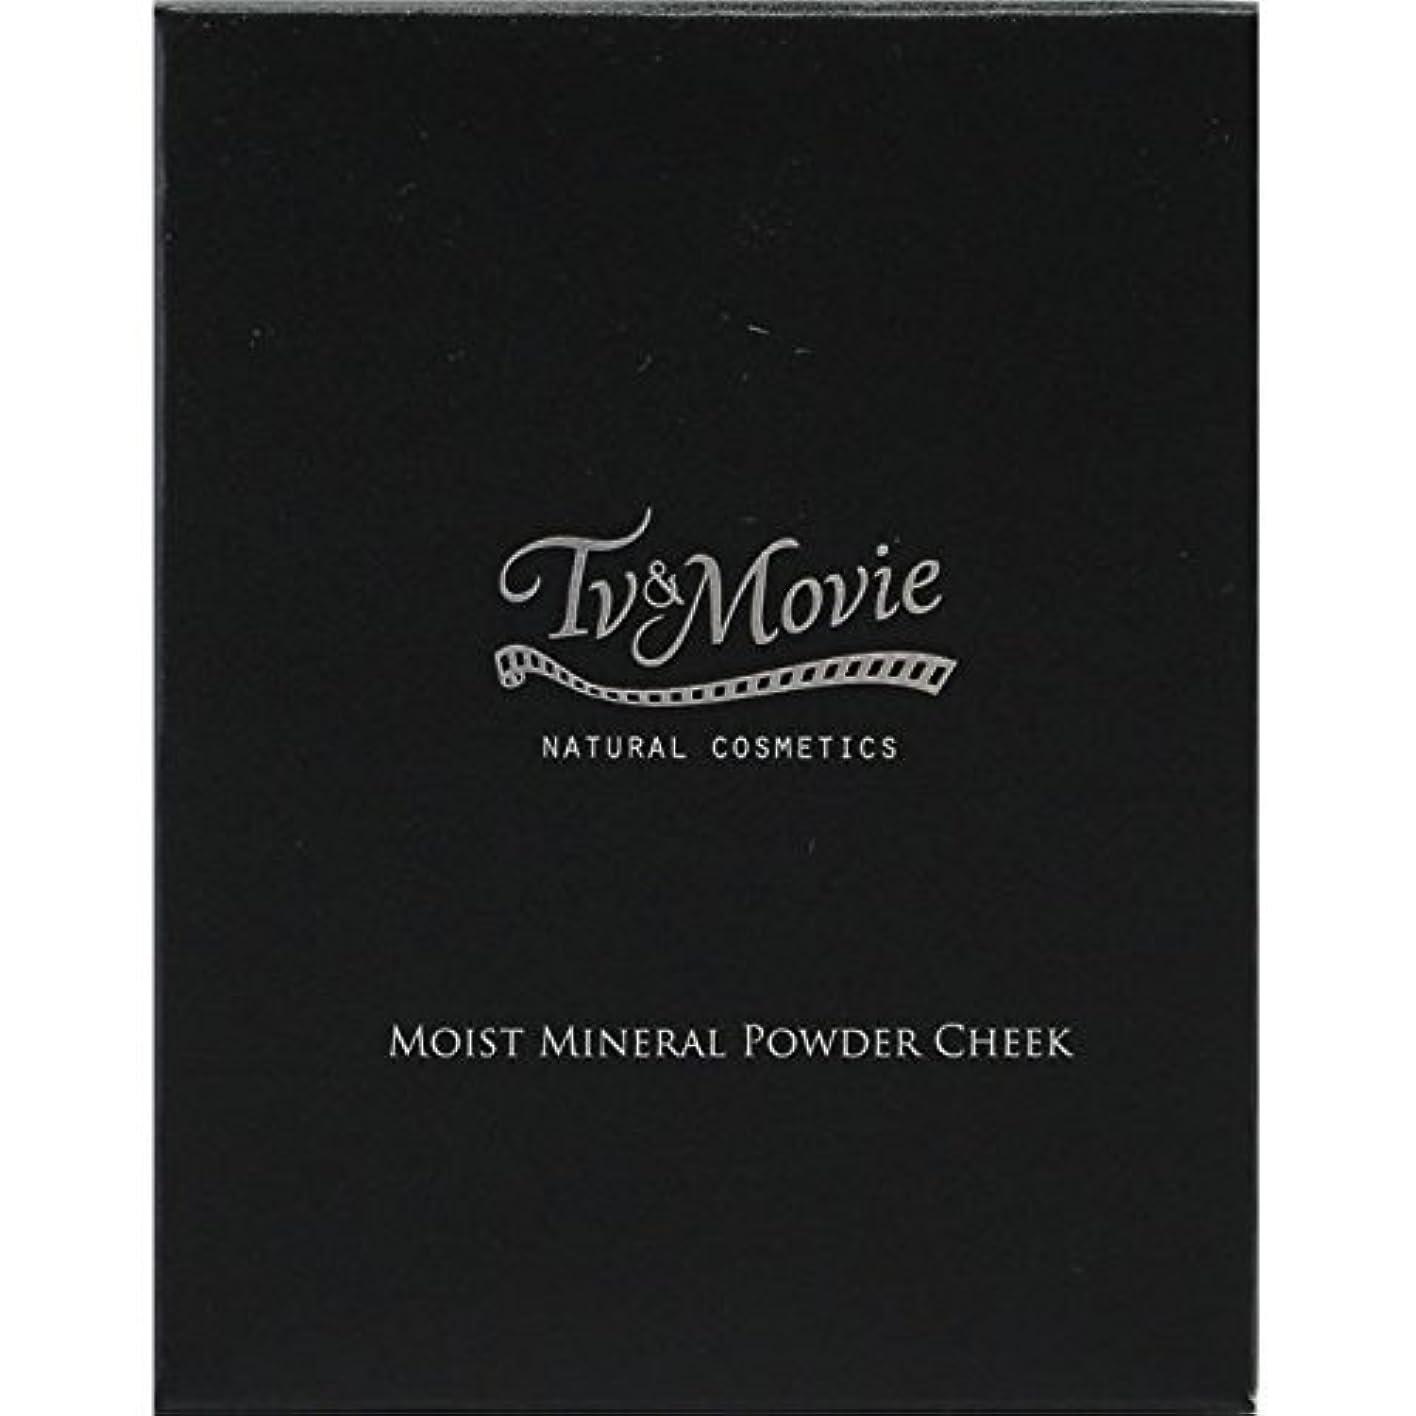 面討論フォルダTv&Movie モイストミネラル パウダーチーク 02 スイートオレンジ 5g